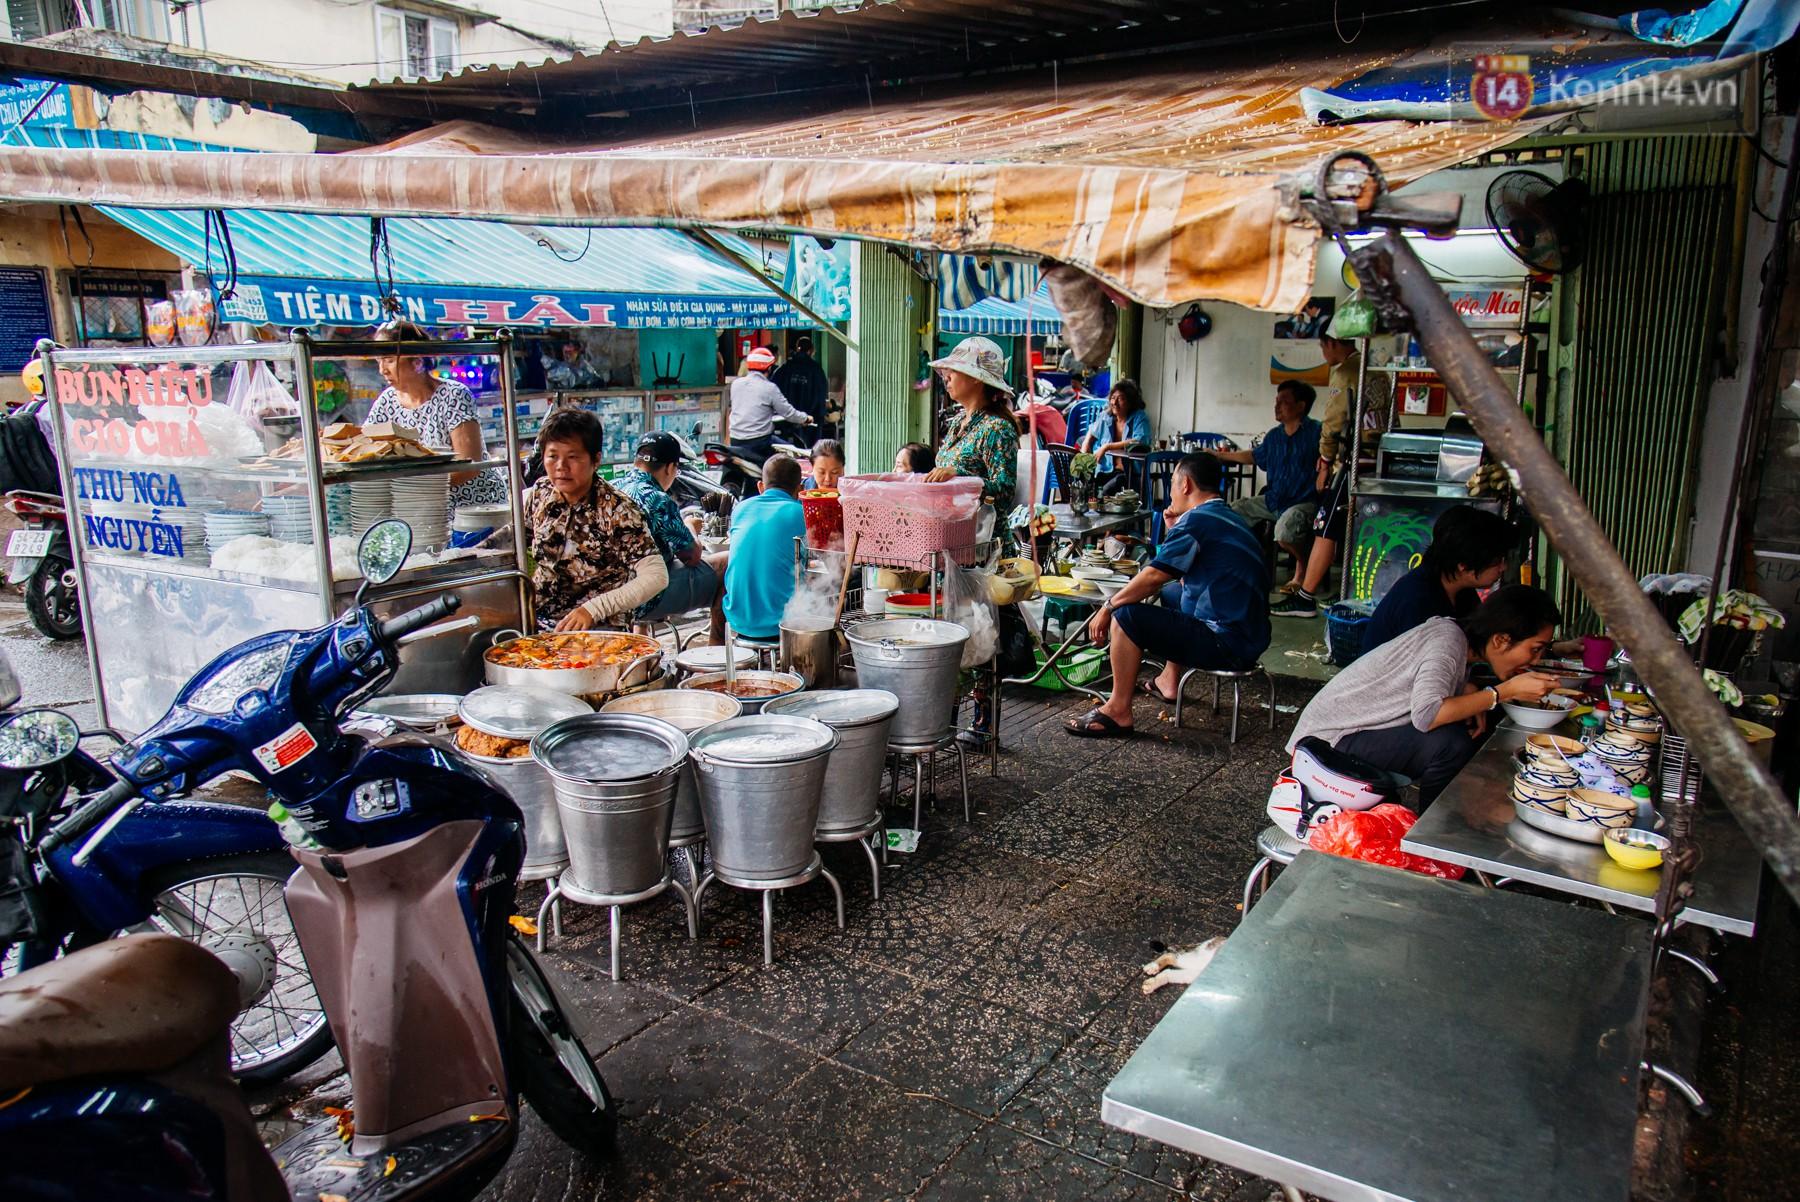 Quán bún riêu 30 năm tuổi ở vỉa hè Sài Gòn có gì hấp dẫn mà Trường Giang trở thành khách quen lâu năm? - Ảnh 11.